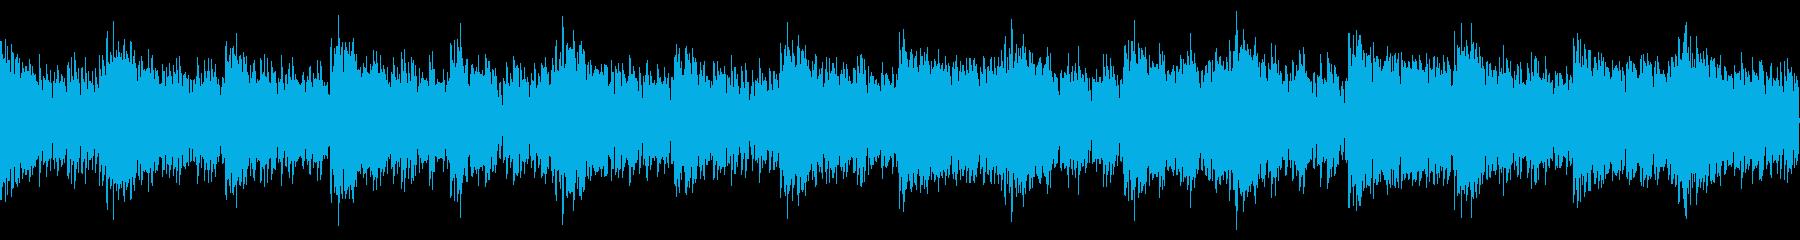 戦闘ゲームなどのタイトル画面に合う曲の再生済みの波形